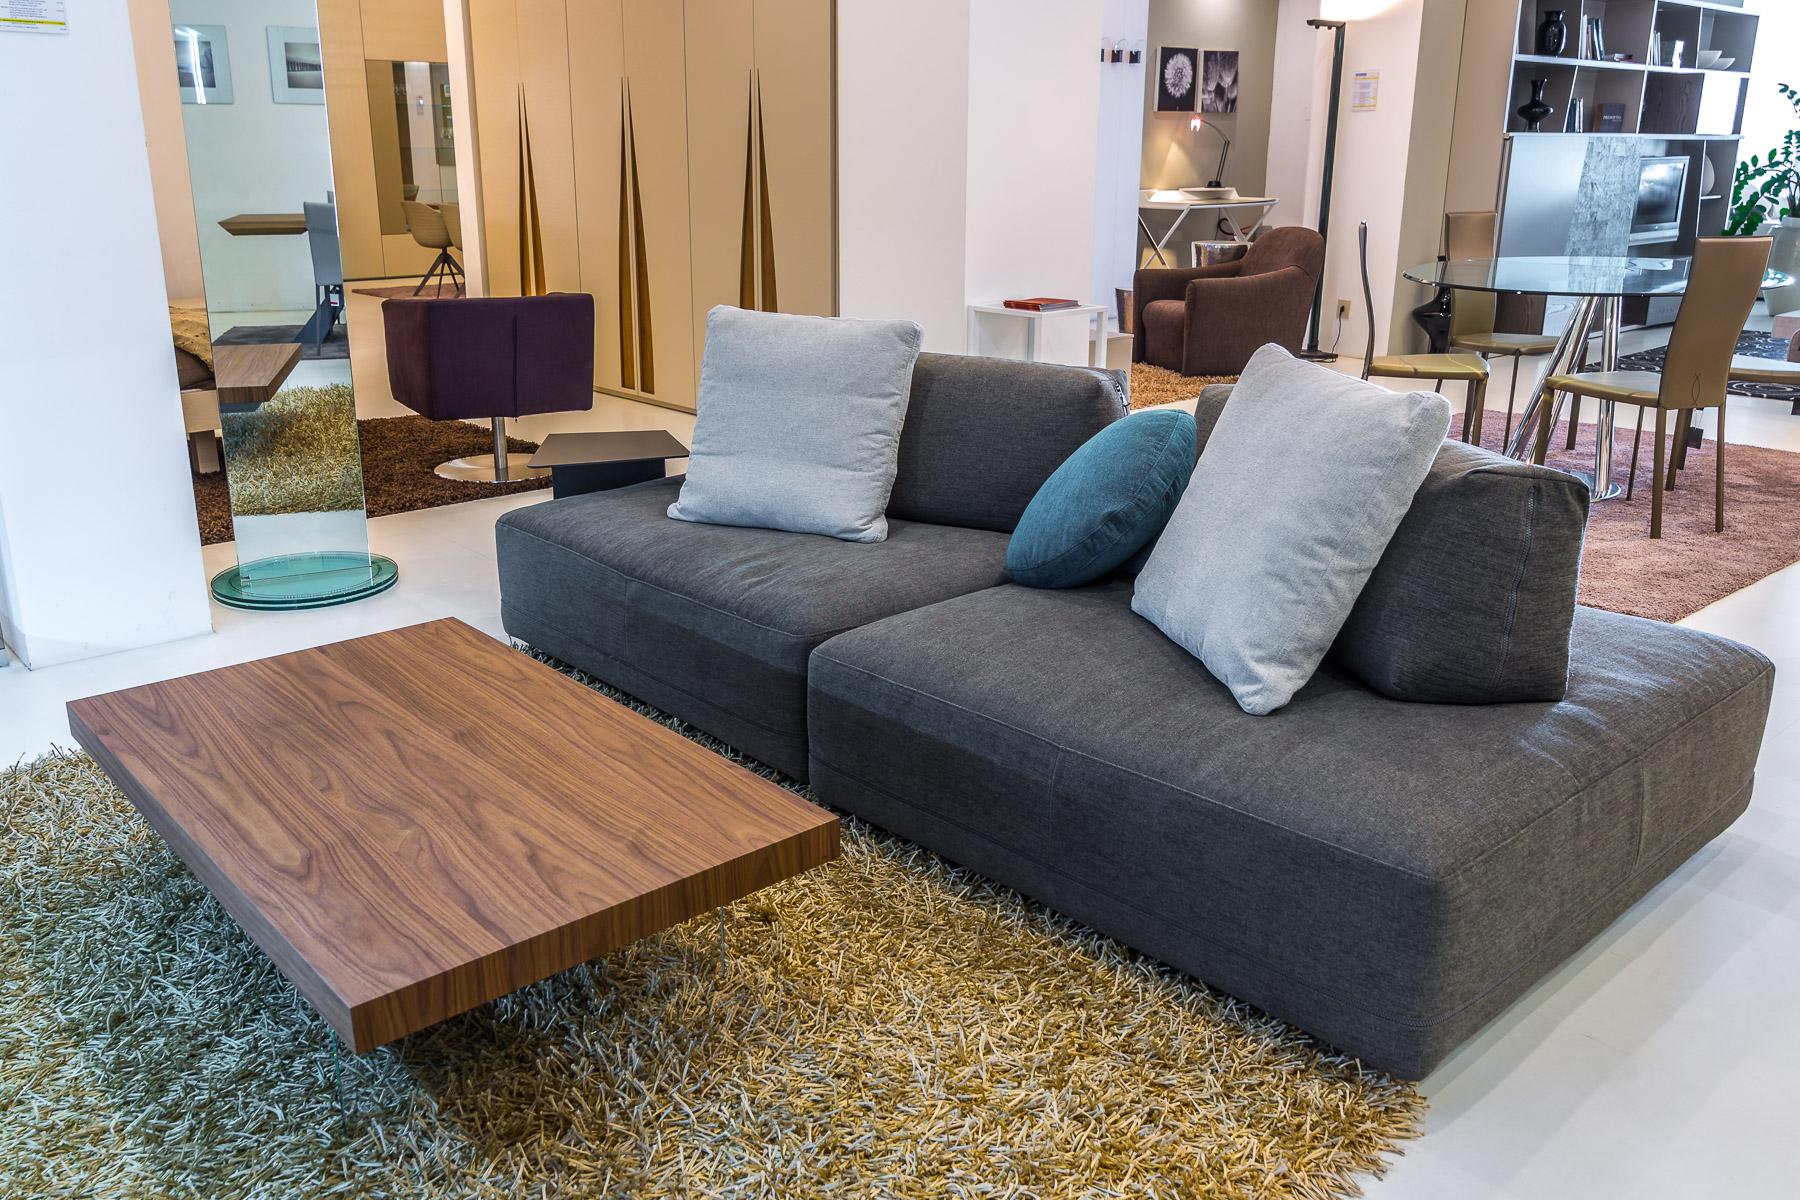 Divano gaspar prezzo le migliori idee per la tua design per la casa